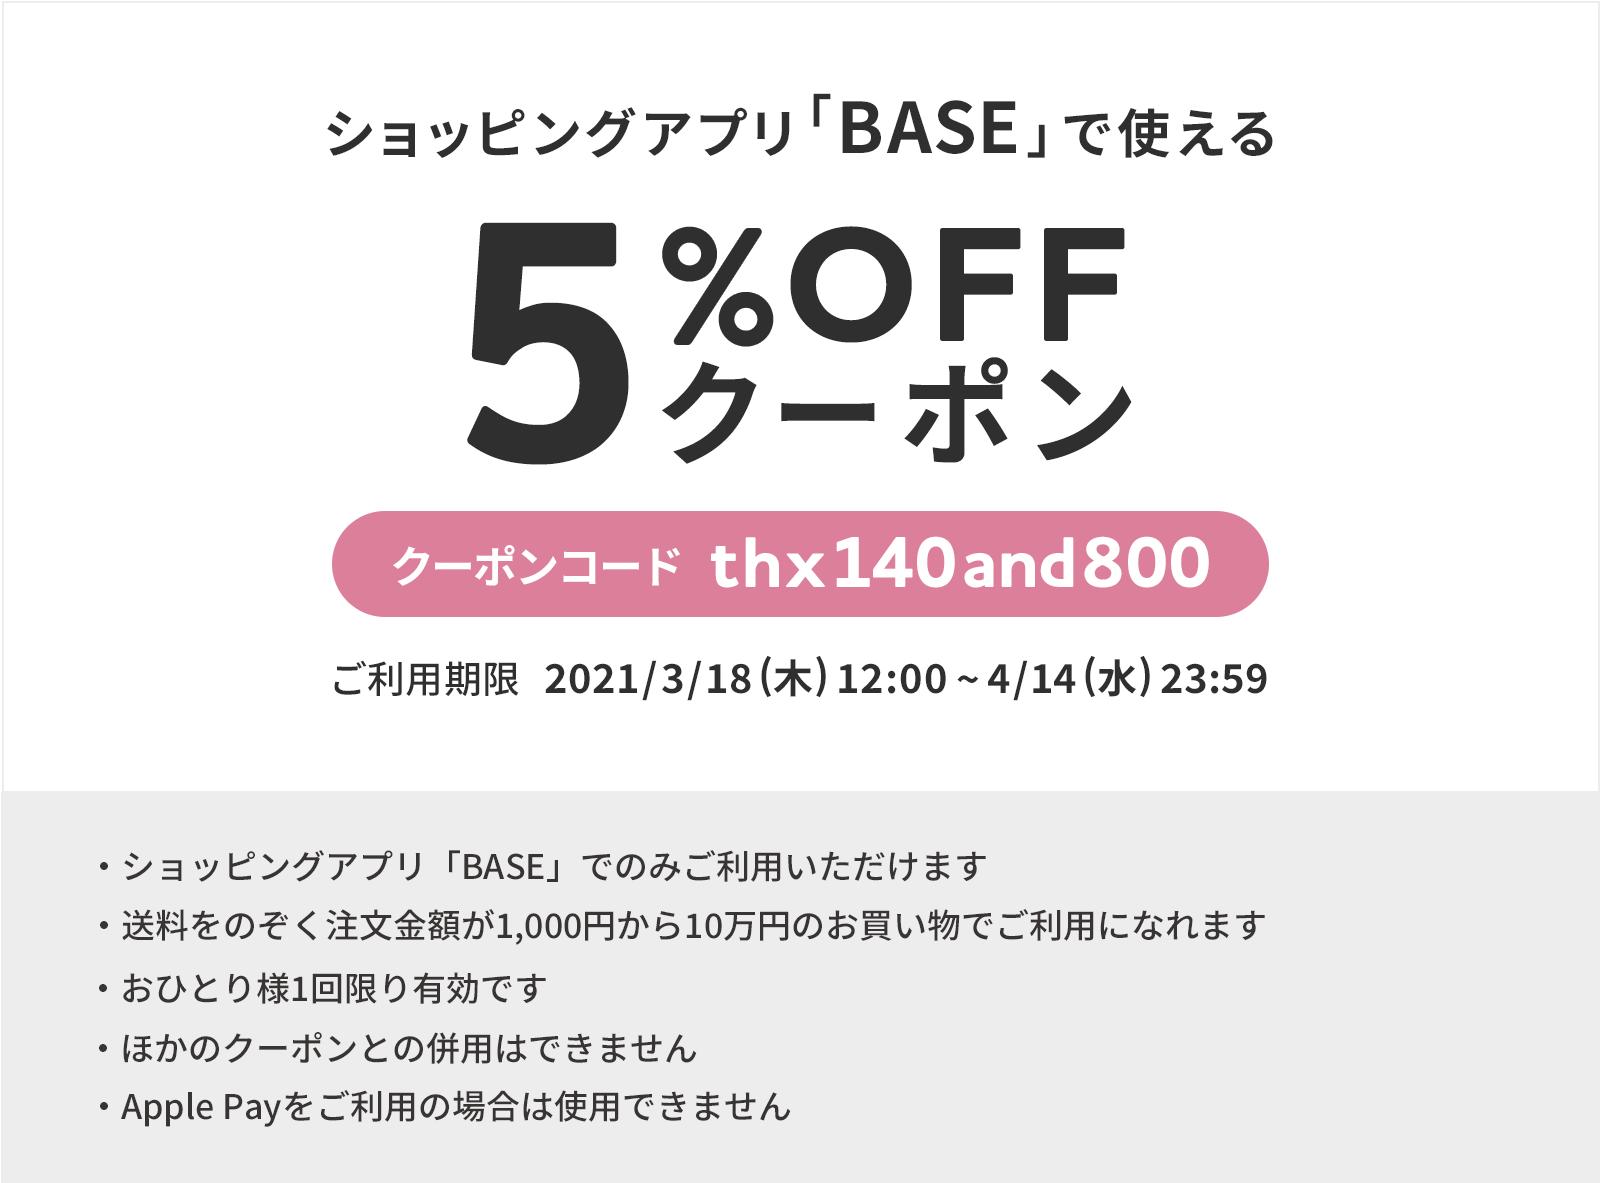 ショッピングアプリ「BASE」でご利用いただける5%OFFクーポン プレゼント中!